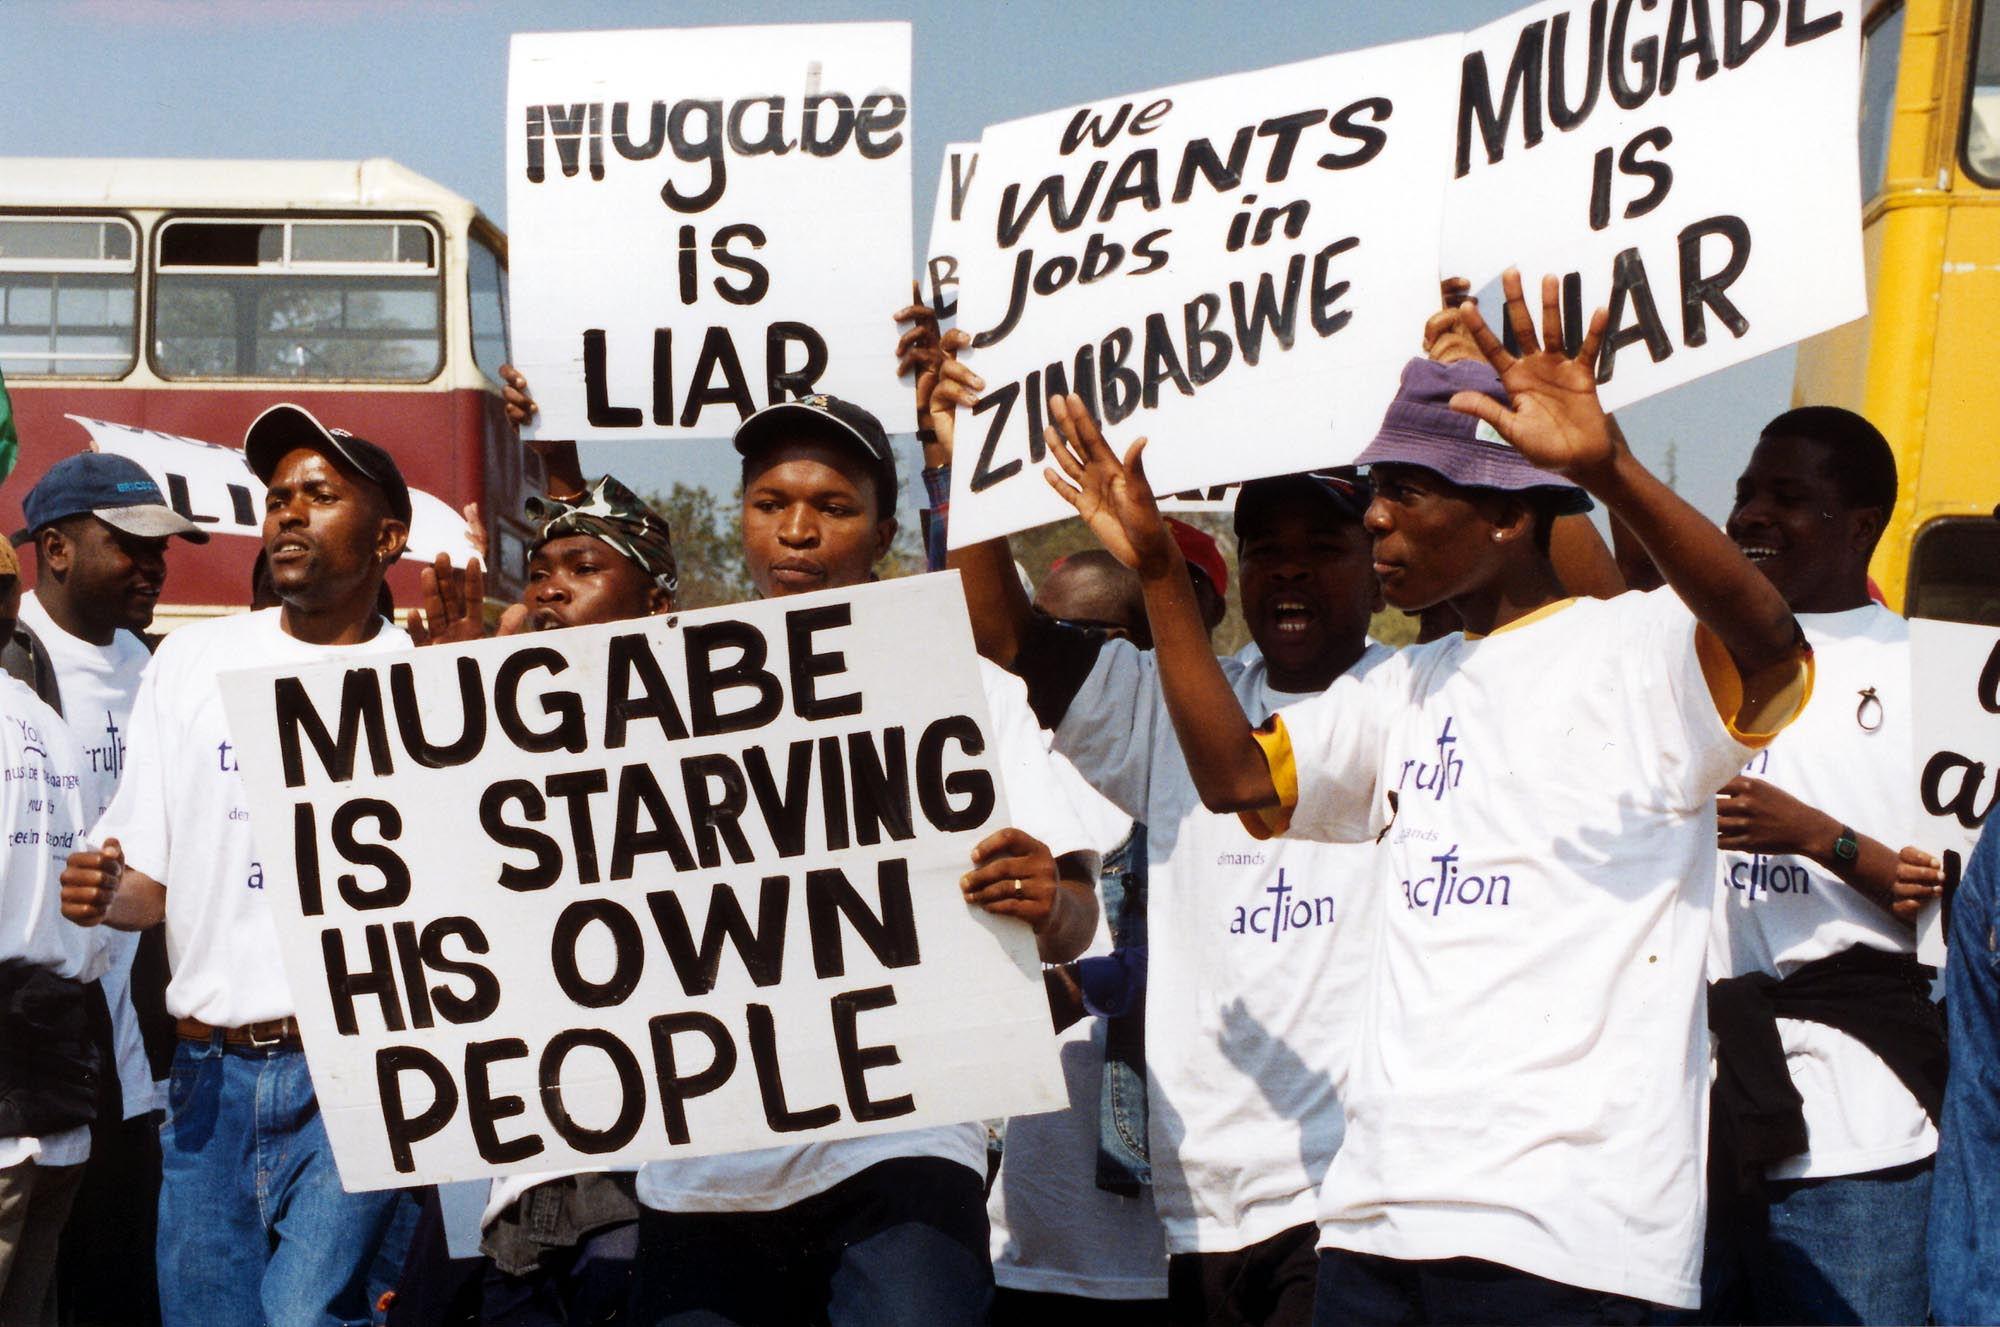 De economie in het land zit al jaren aan de grond. De eigen munt, de Zimbabwaanse dollar, is door mega-inflatie zo weinig waard dat hij in de ban is gedaan. Zeker 90 procent van de bevolking is werkloos en er is een groot voedseltekort.